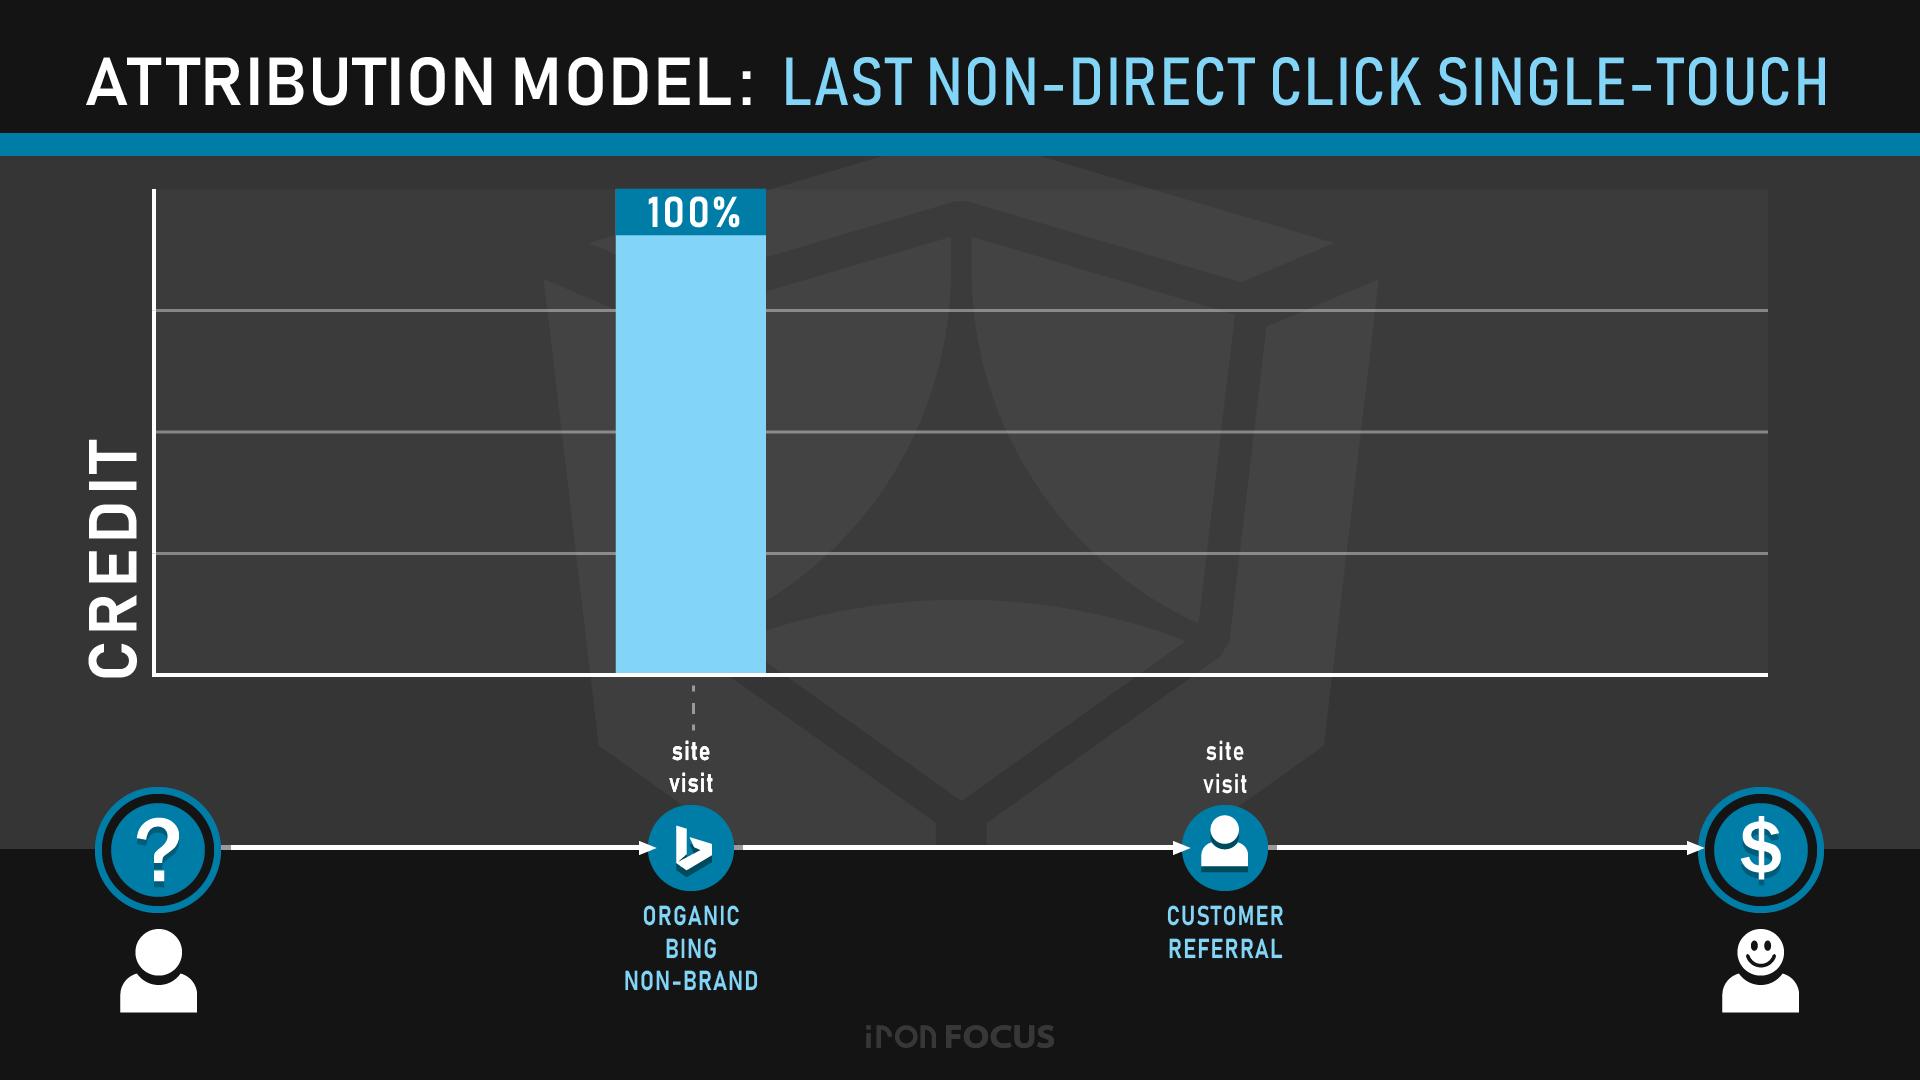 Attribution Model: Last Non-Direct Click Single-Touch